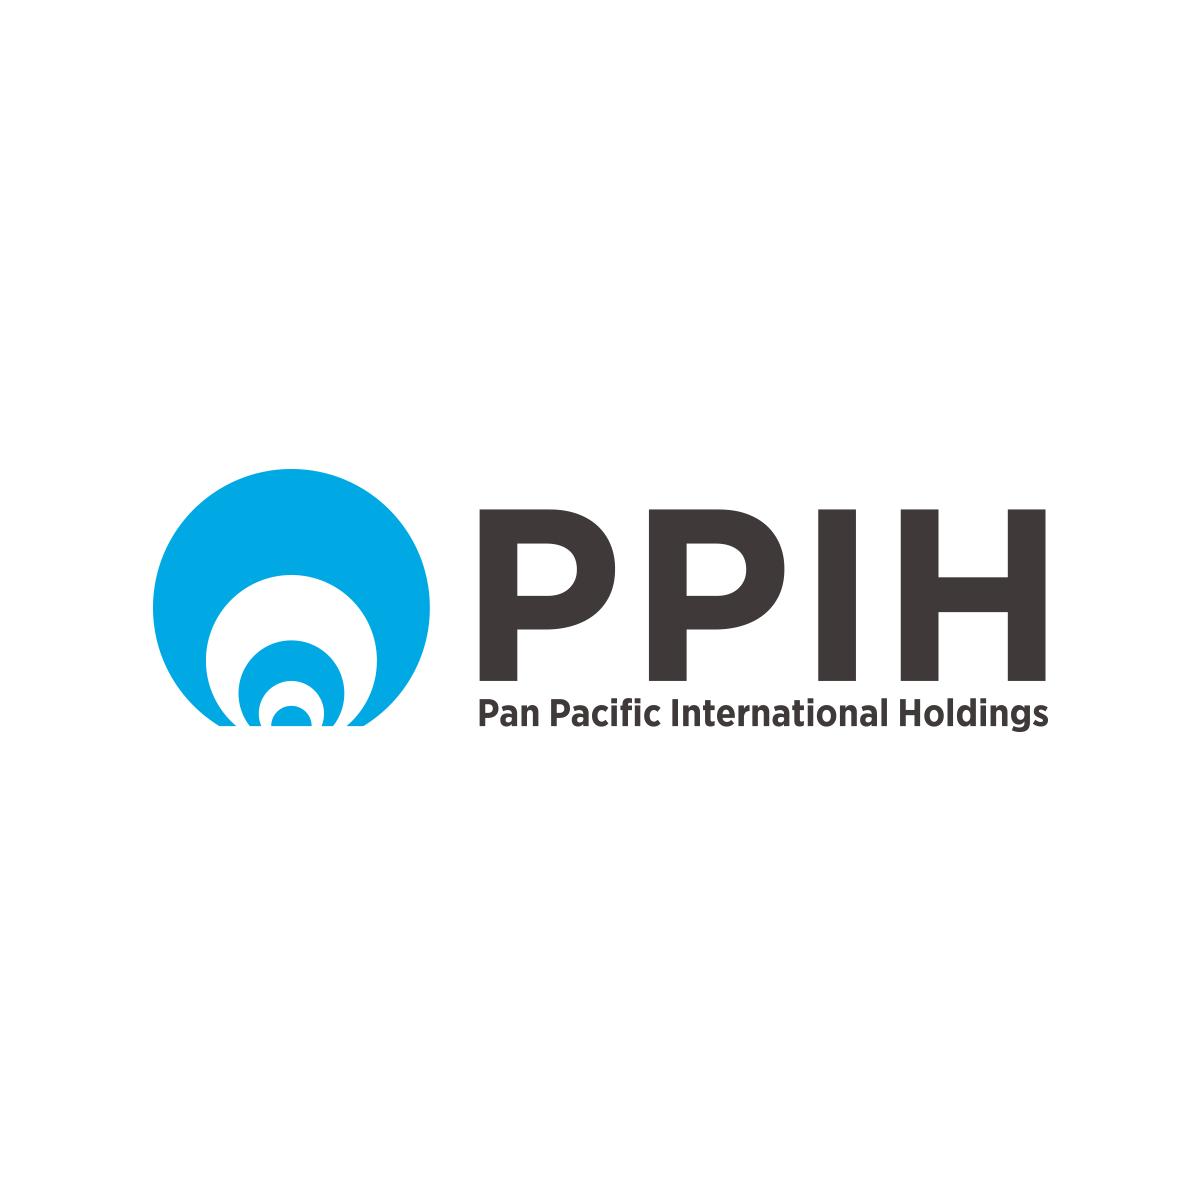 PPIH 株式会社パン・パシフィック・インターナショナル ...